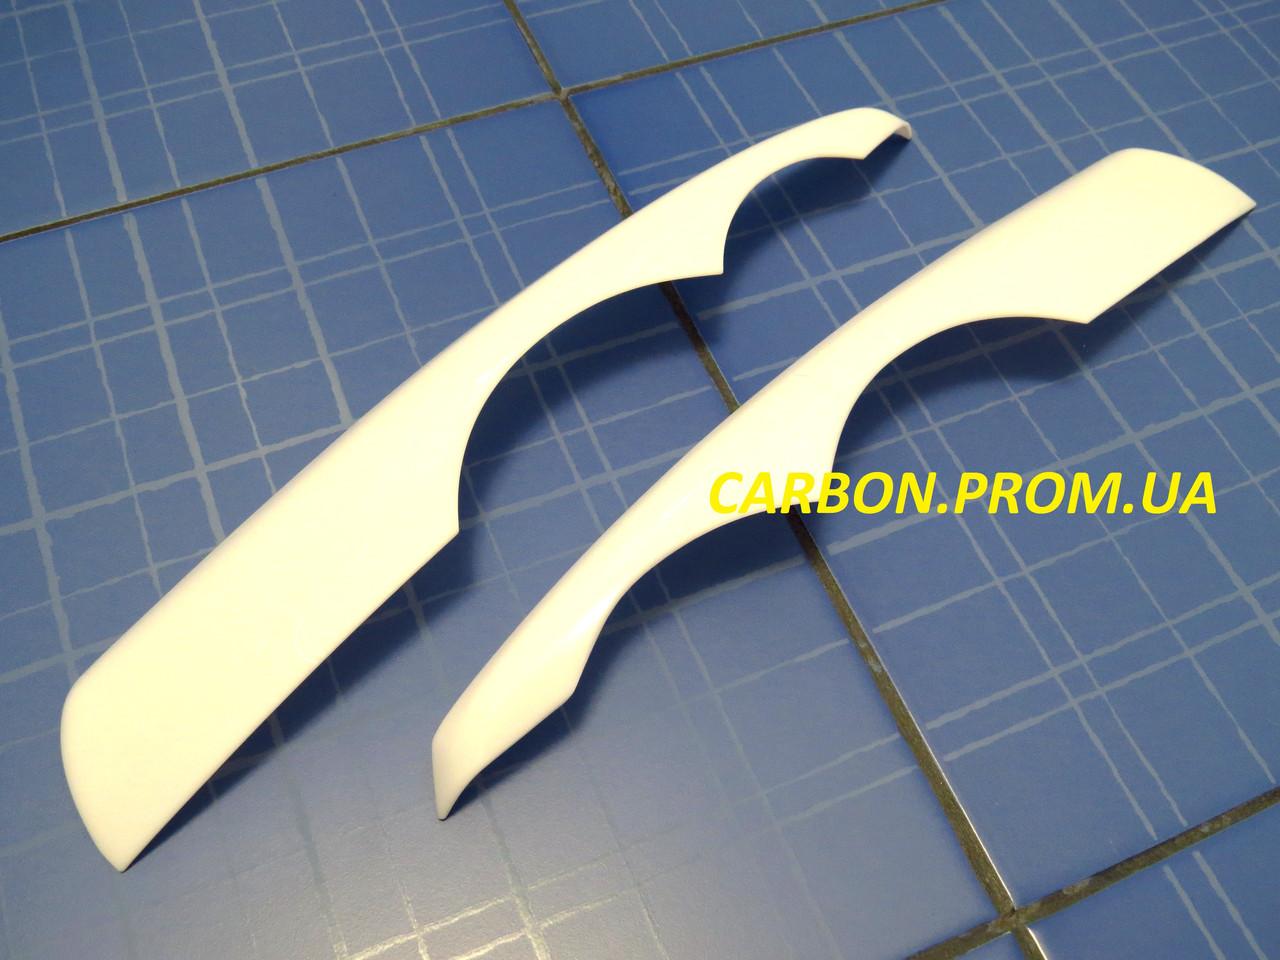 Вії ANV Air ВАЗ 1118 Калина фігурні білі тюнінгові накладки на автомобільні фари